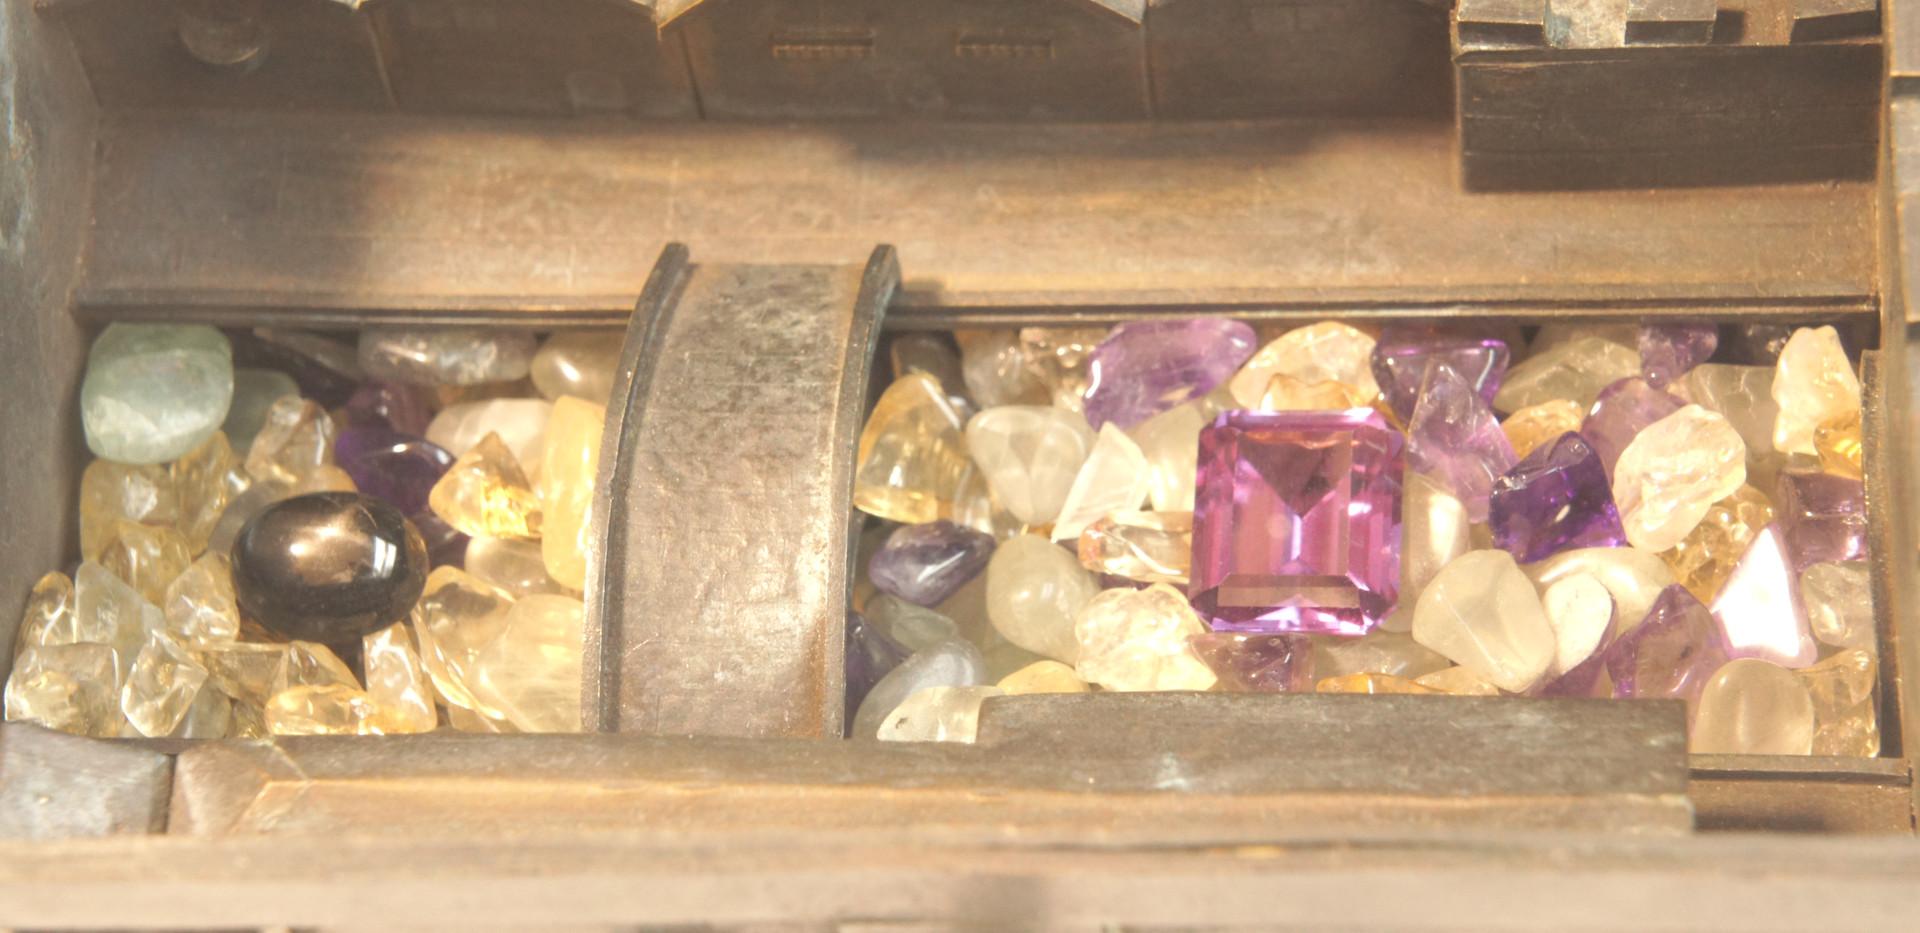 砂場の砂の代わりに宝石の細石